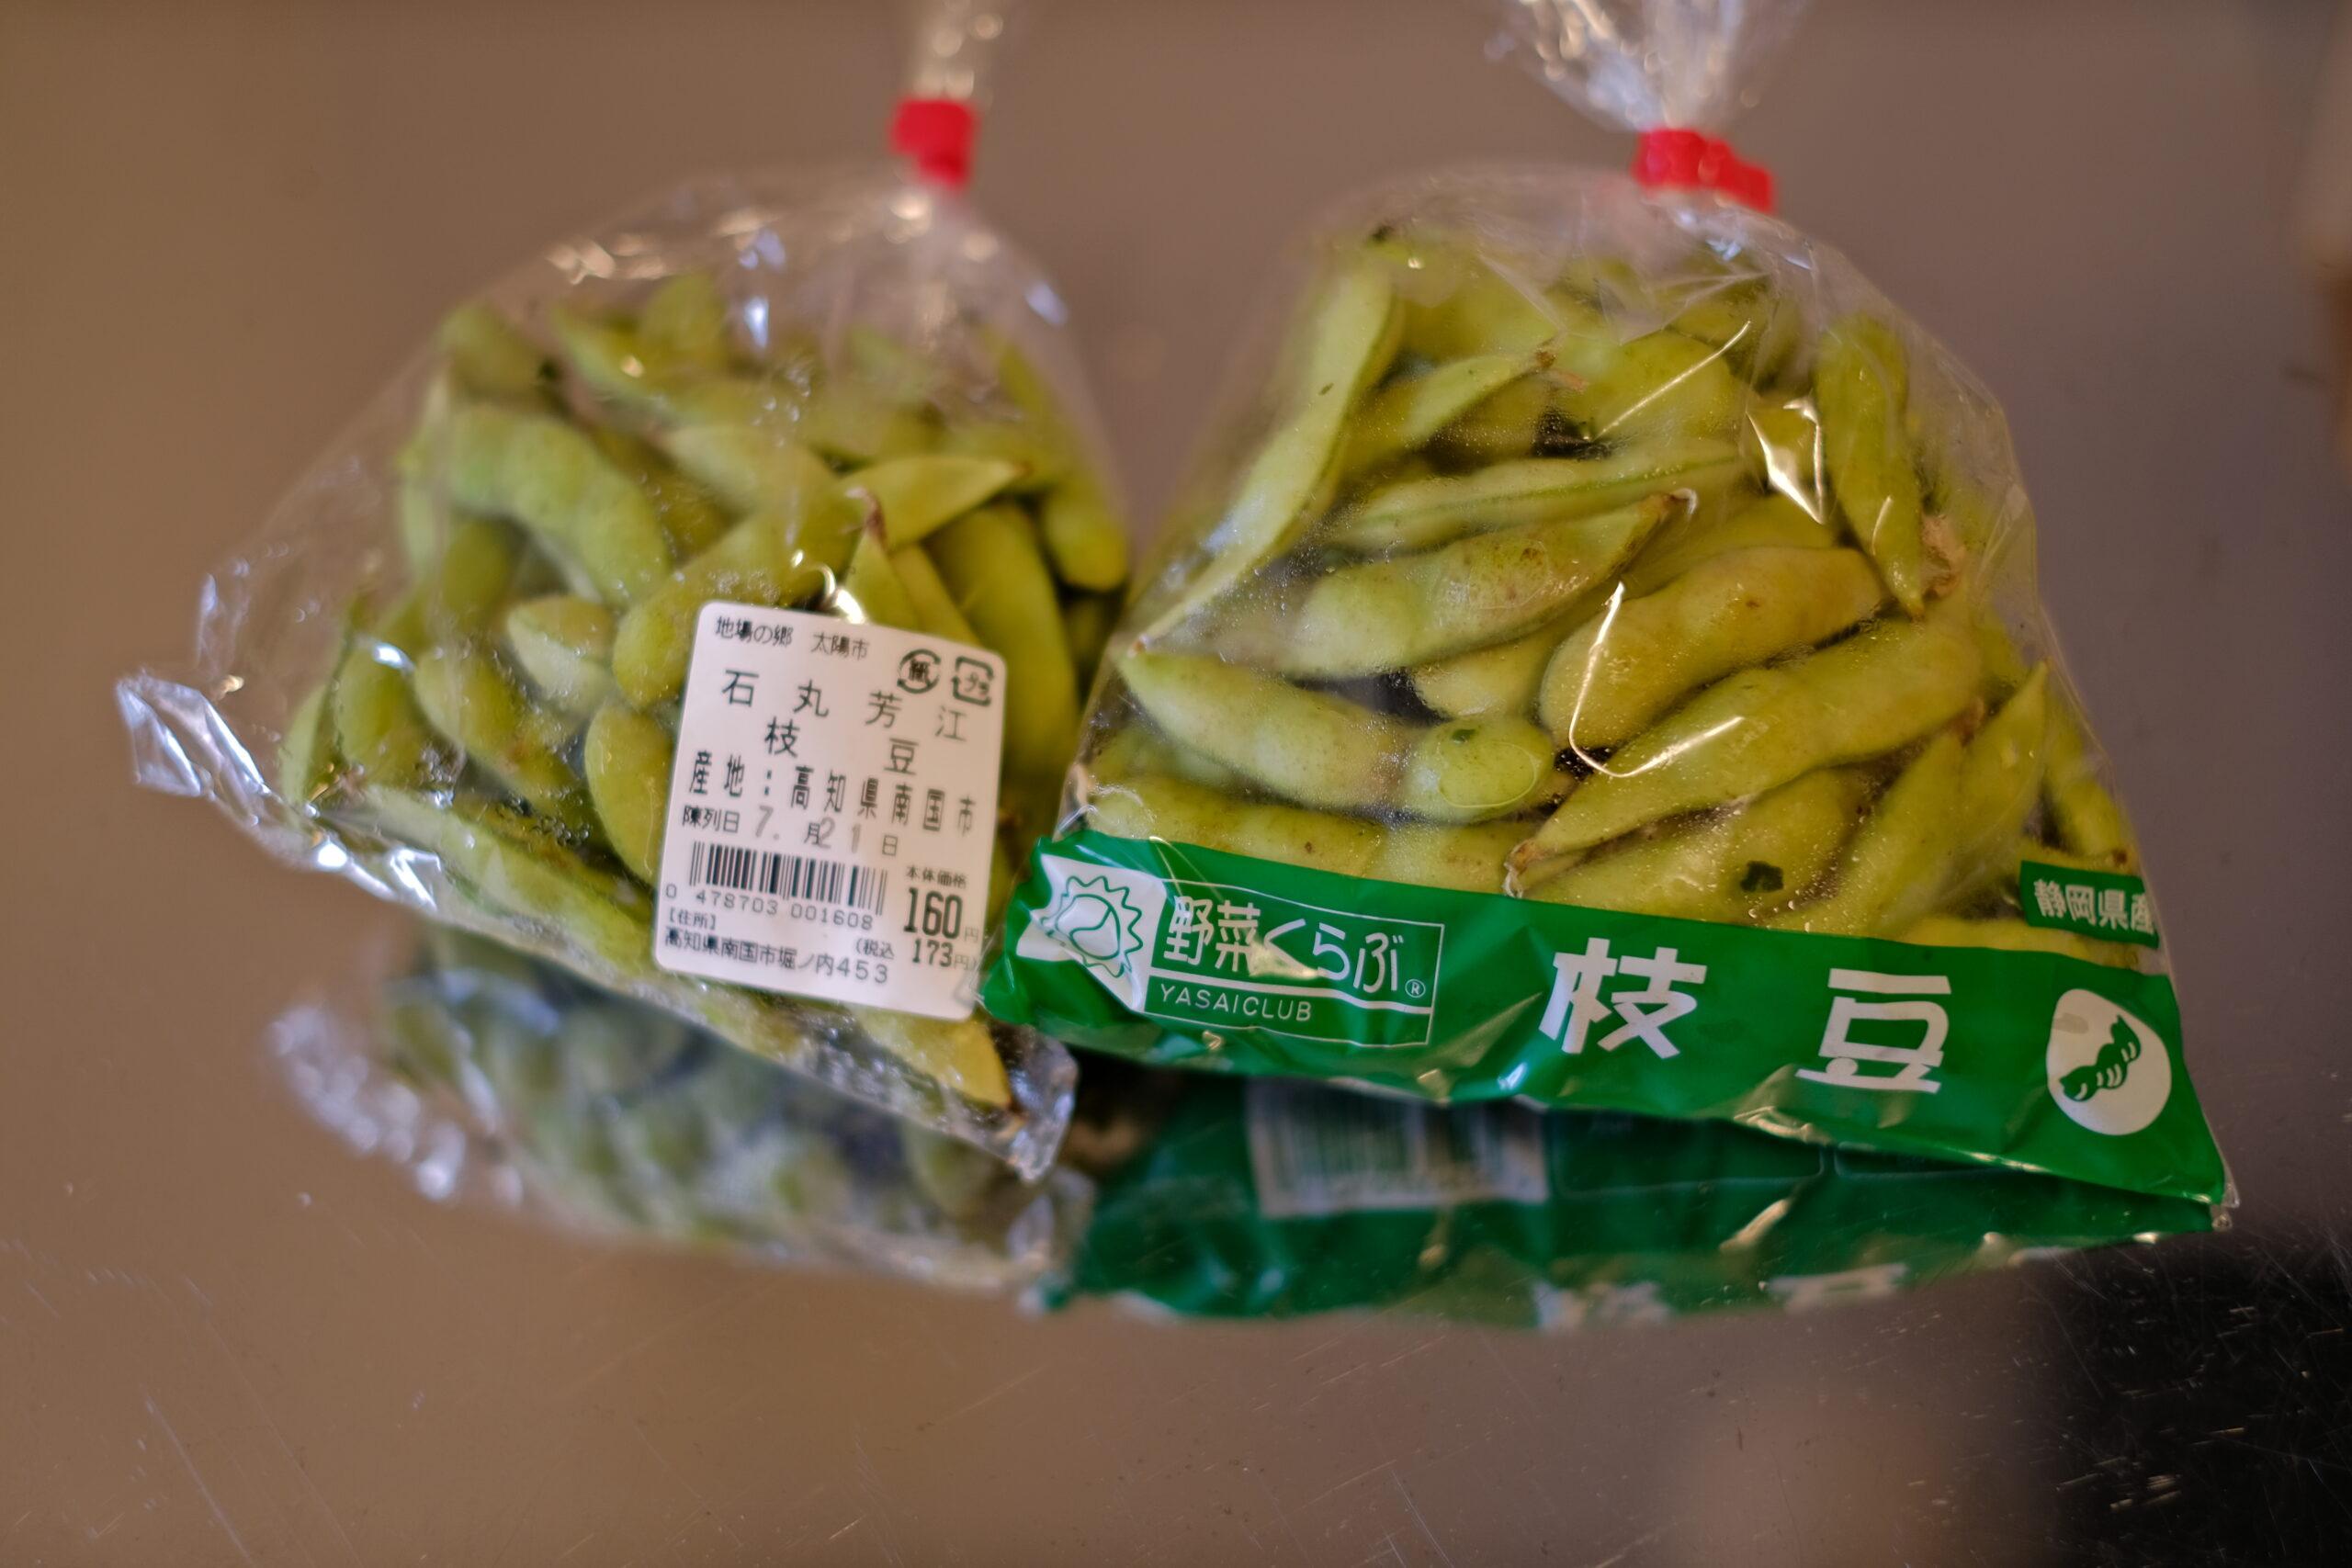 枝豆(湯あがり娘)の画像です